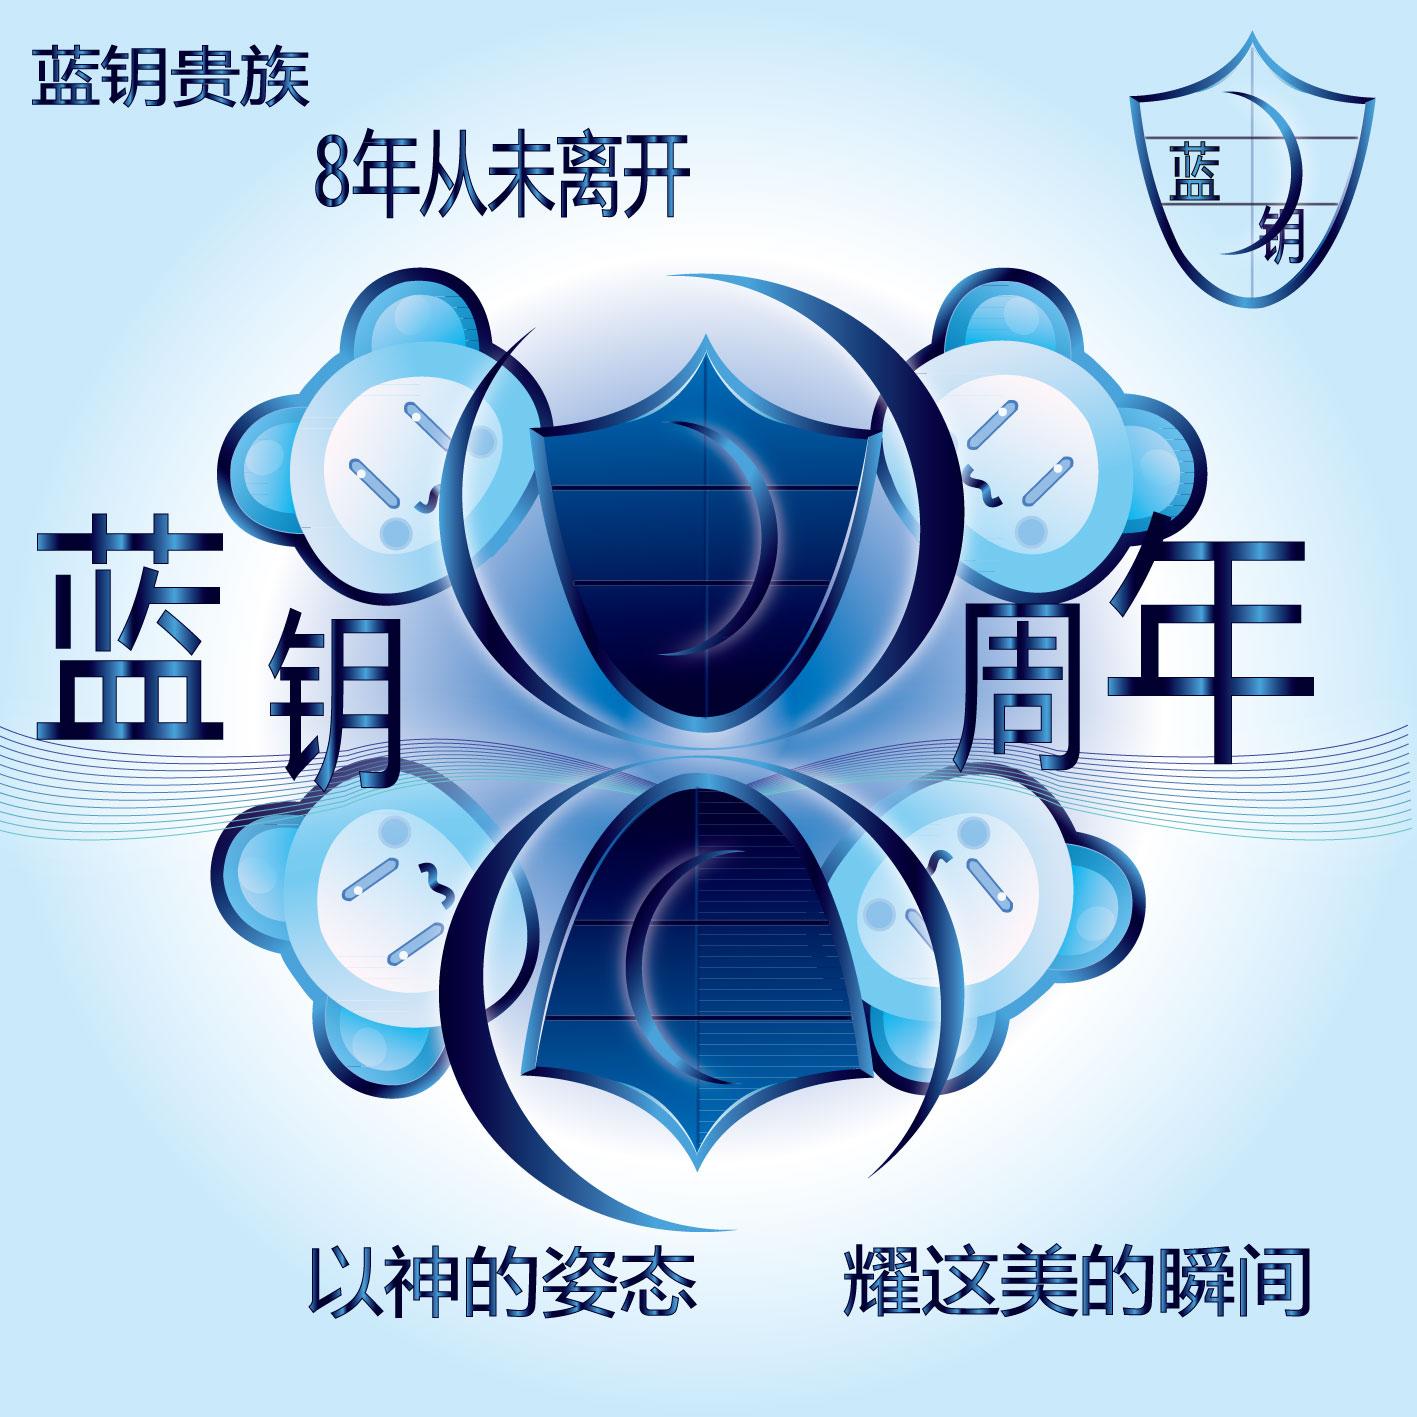 蓝月贵族.jpg